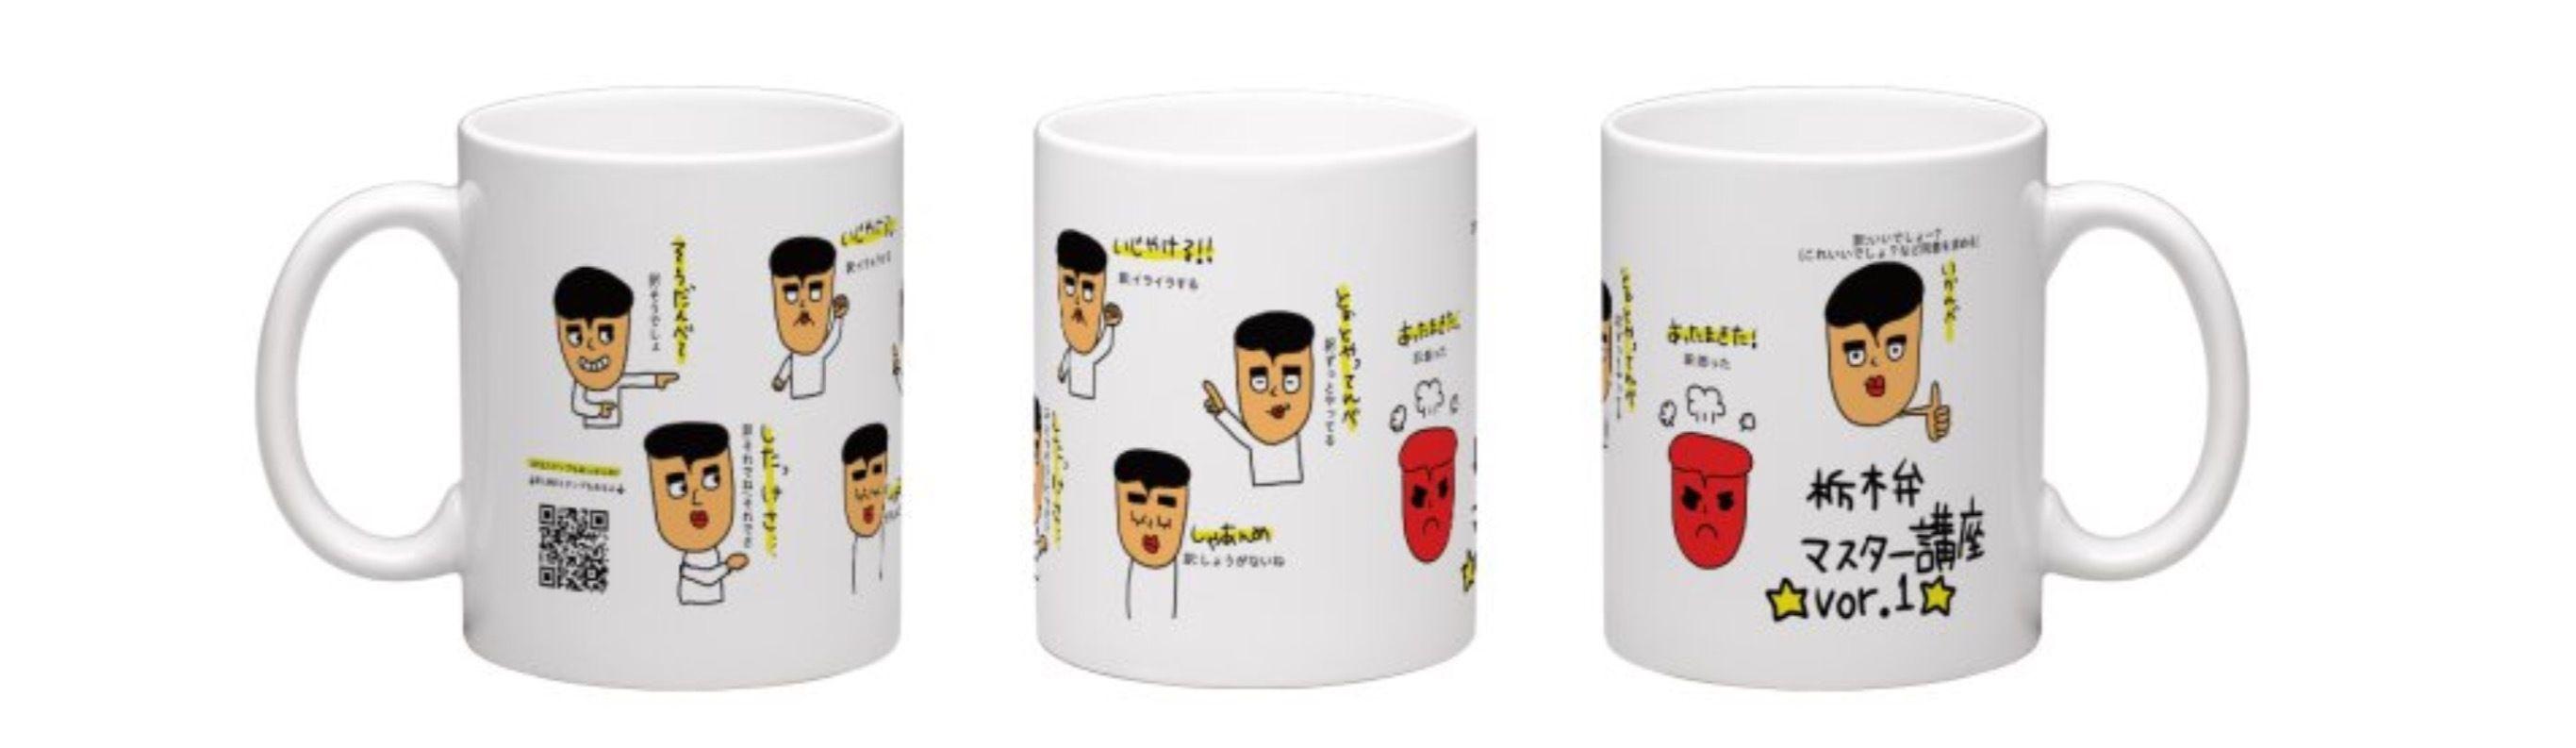 栃木弁講座マグカップ(訳付き)